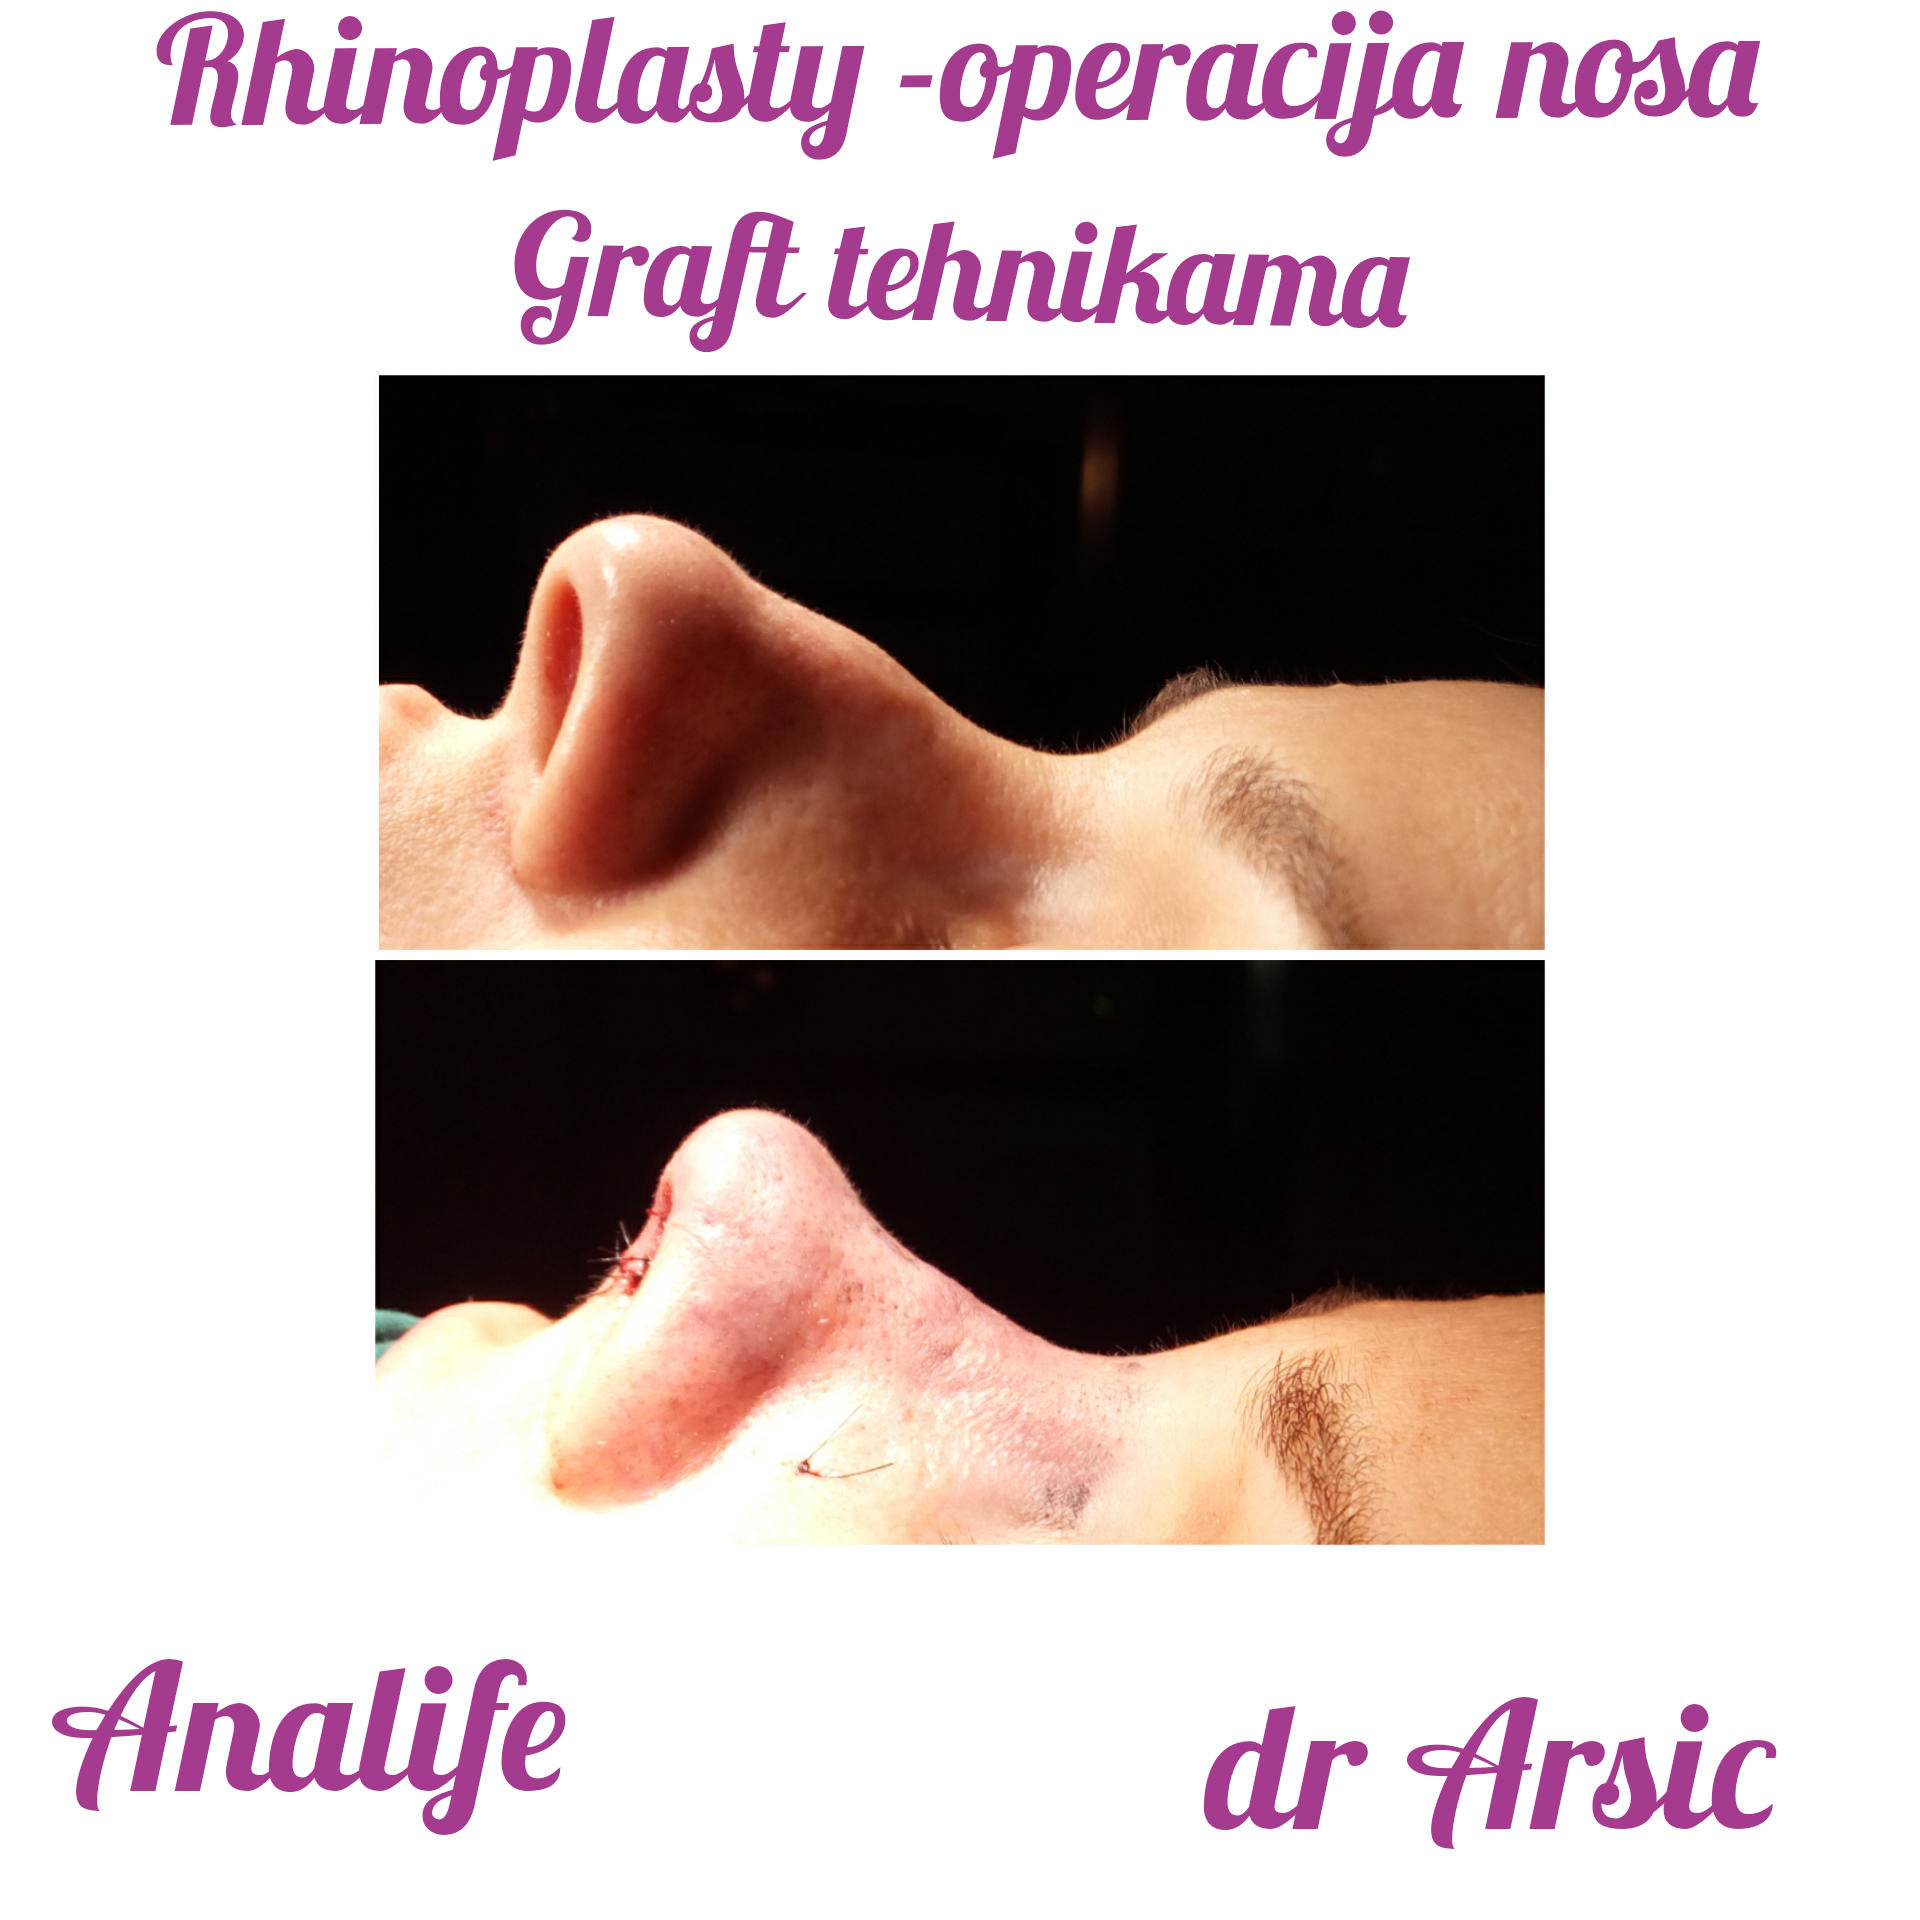 Najsavremenije operativne Graft tehnike kada je operacija nosa u pitanju!